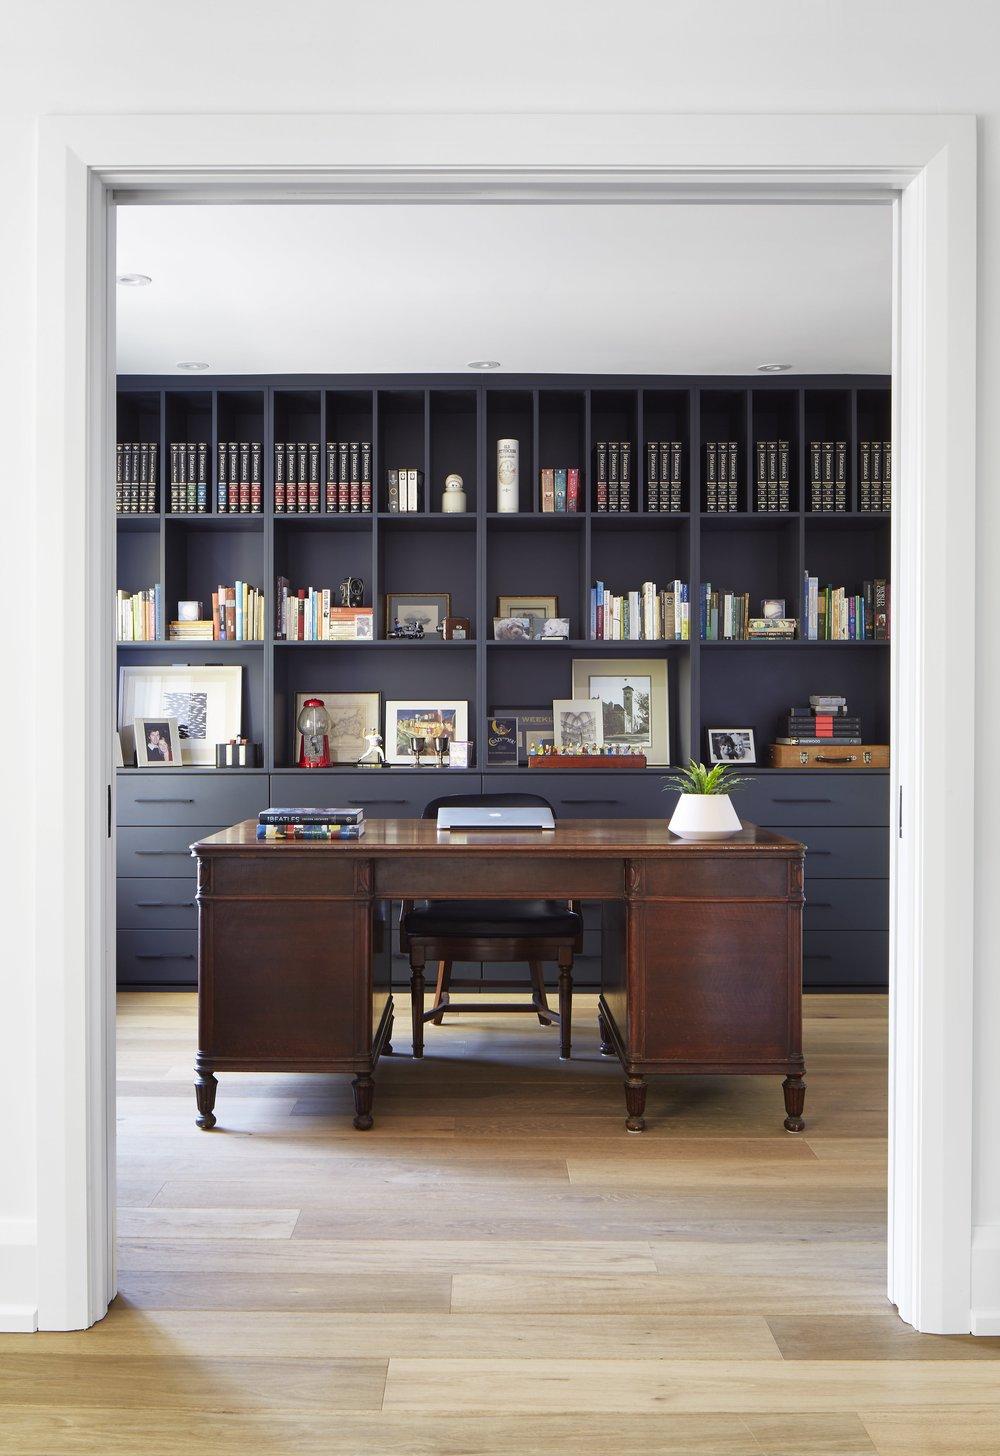 Office_1-009_OFFICE_8BIT.jpg